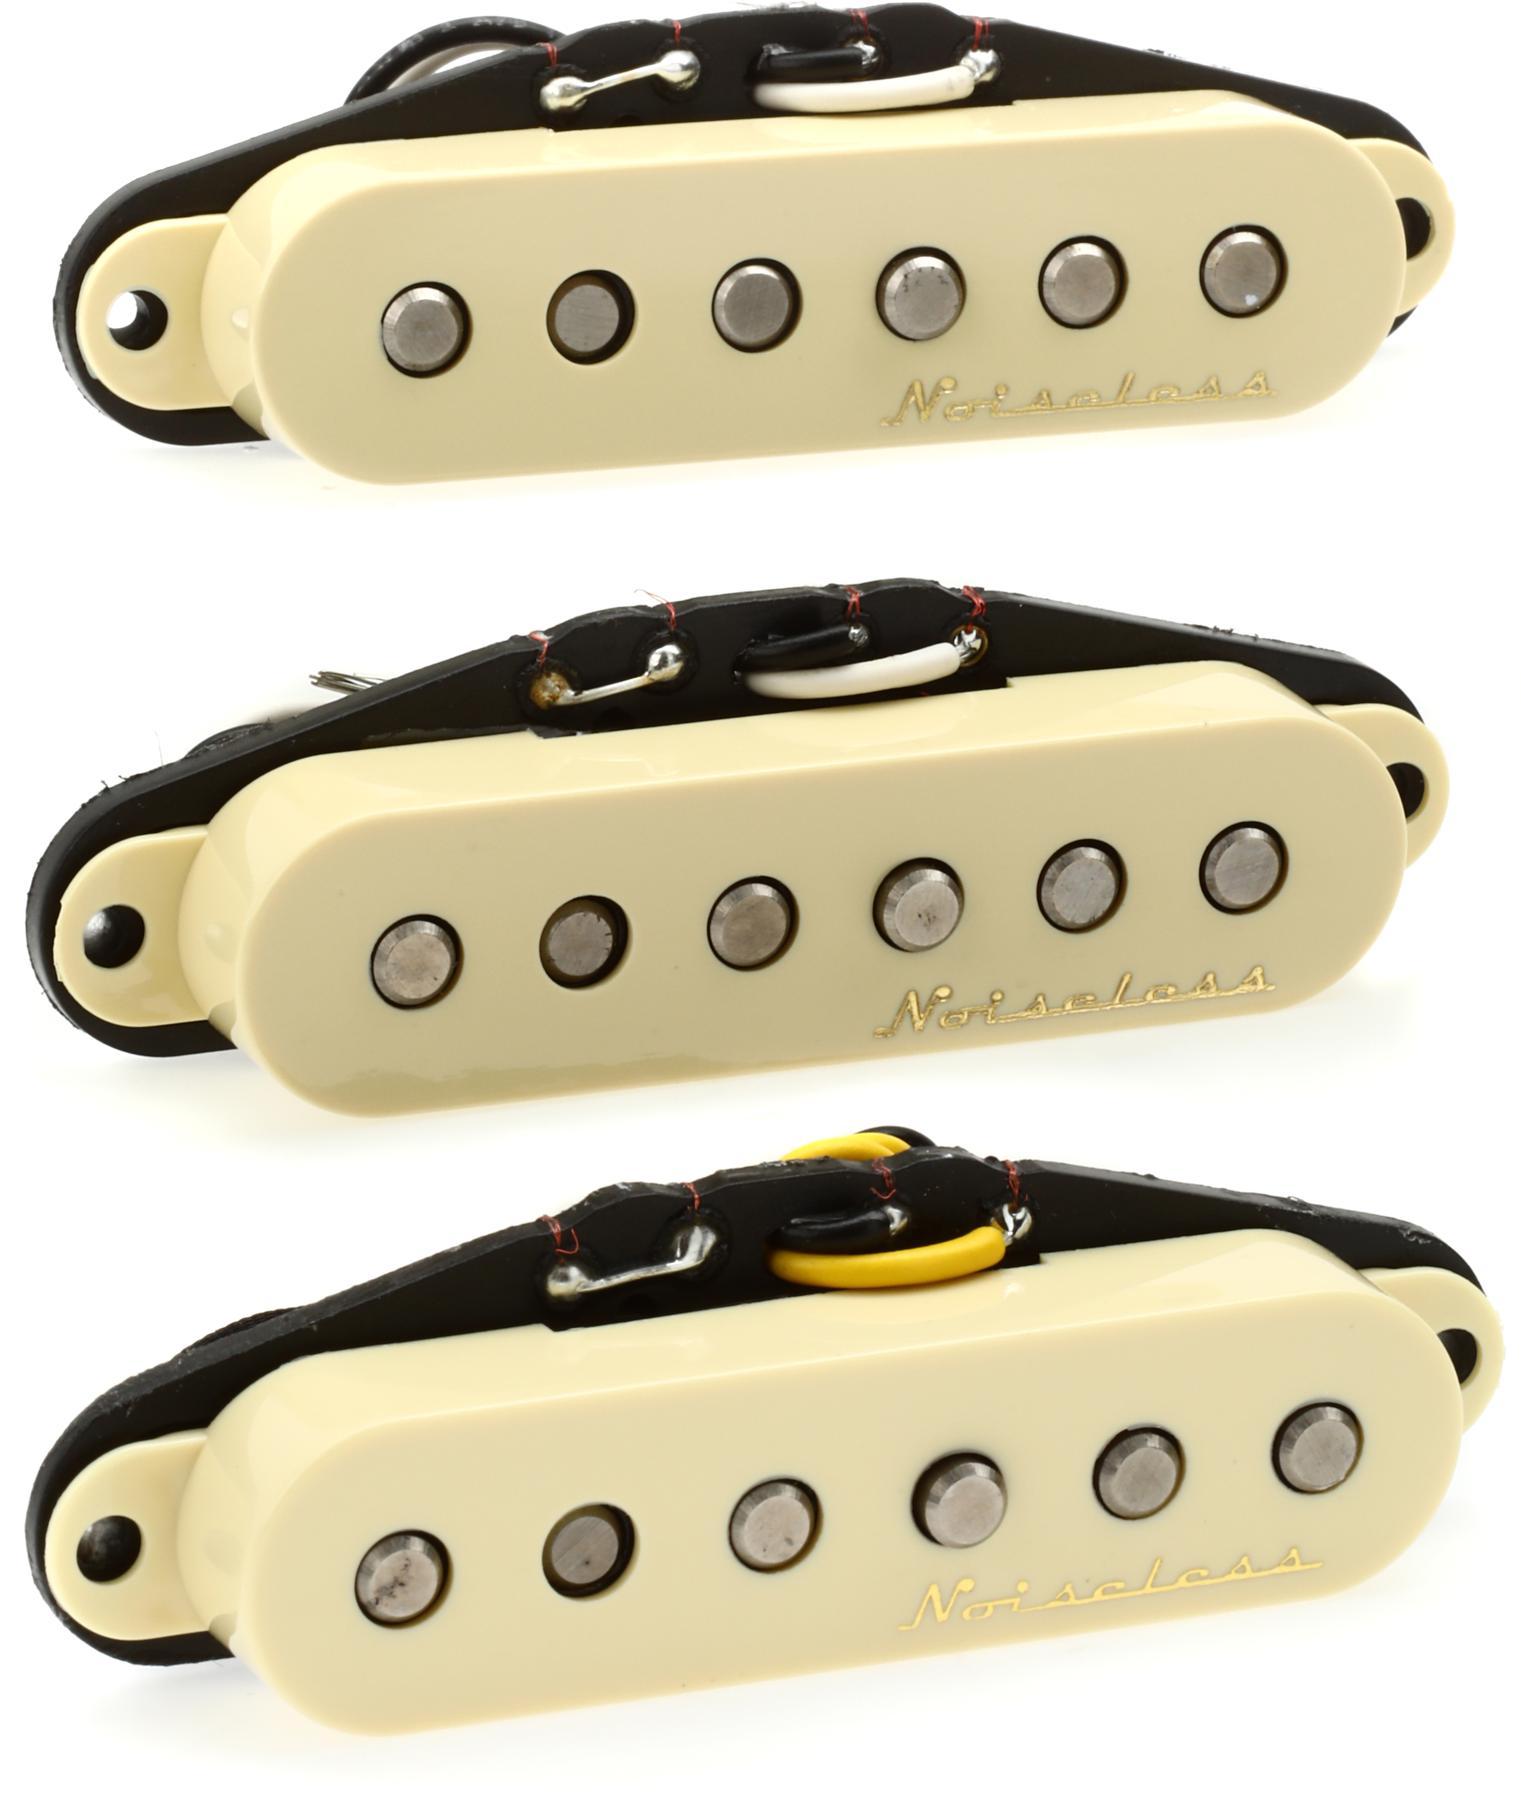 7. Fender Strat Hot Noiseless Pickups